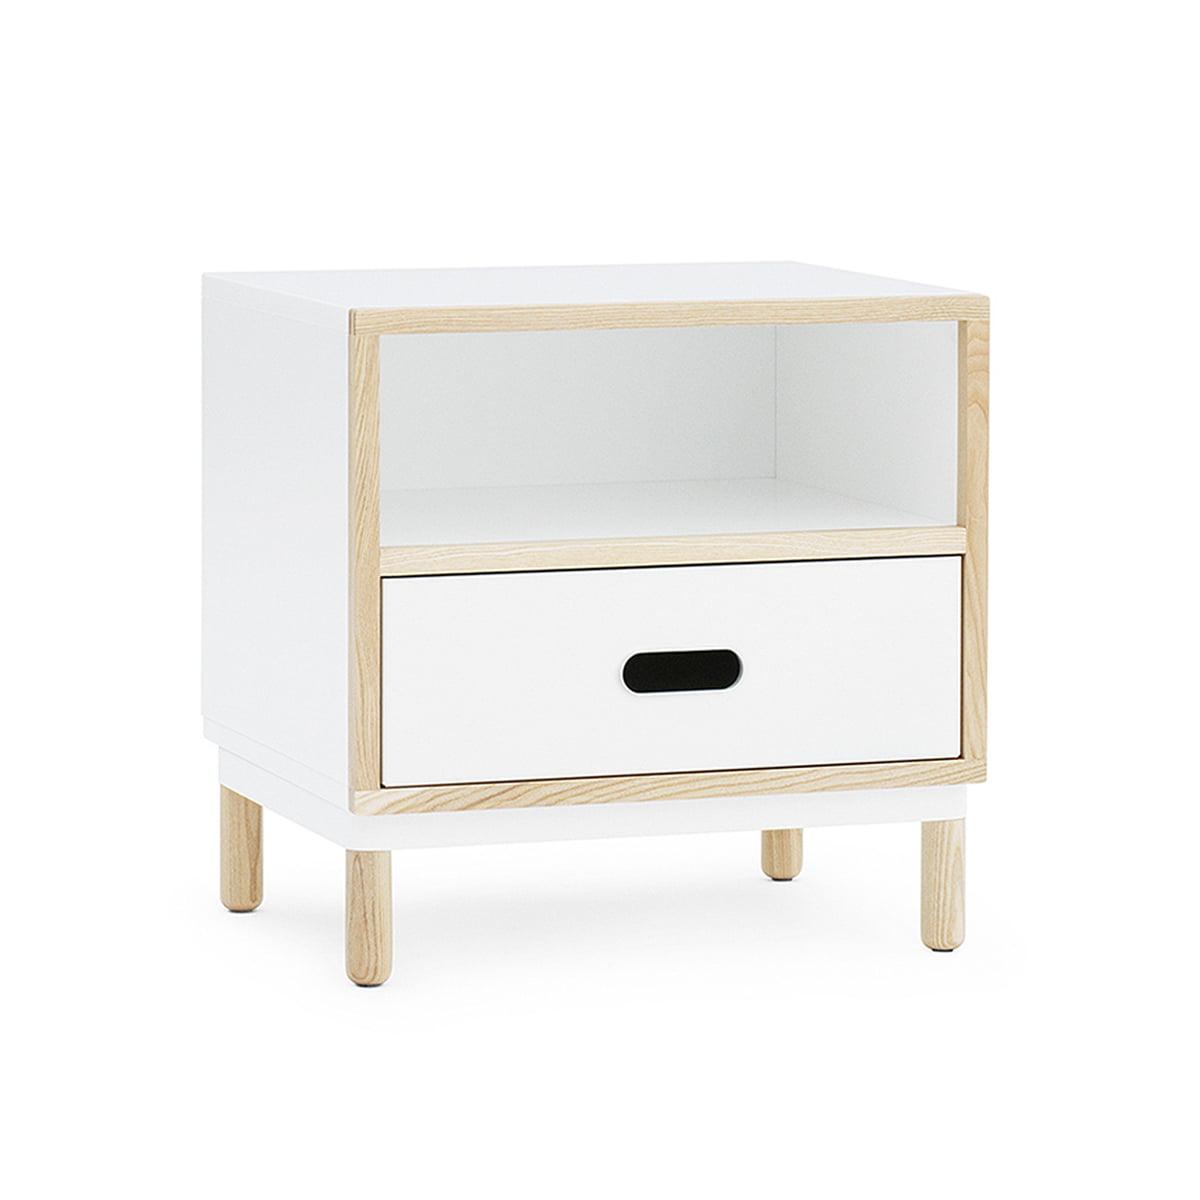 Normann Copenhagen - Kabino Nachttisch, weiß | Schlafzimmer > Nachttische | Weiß | Normann Copenhagen